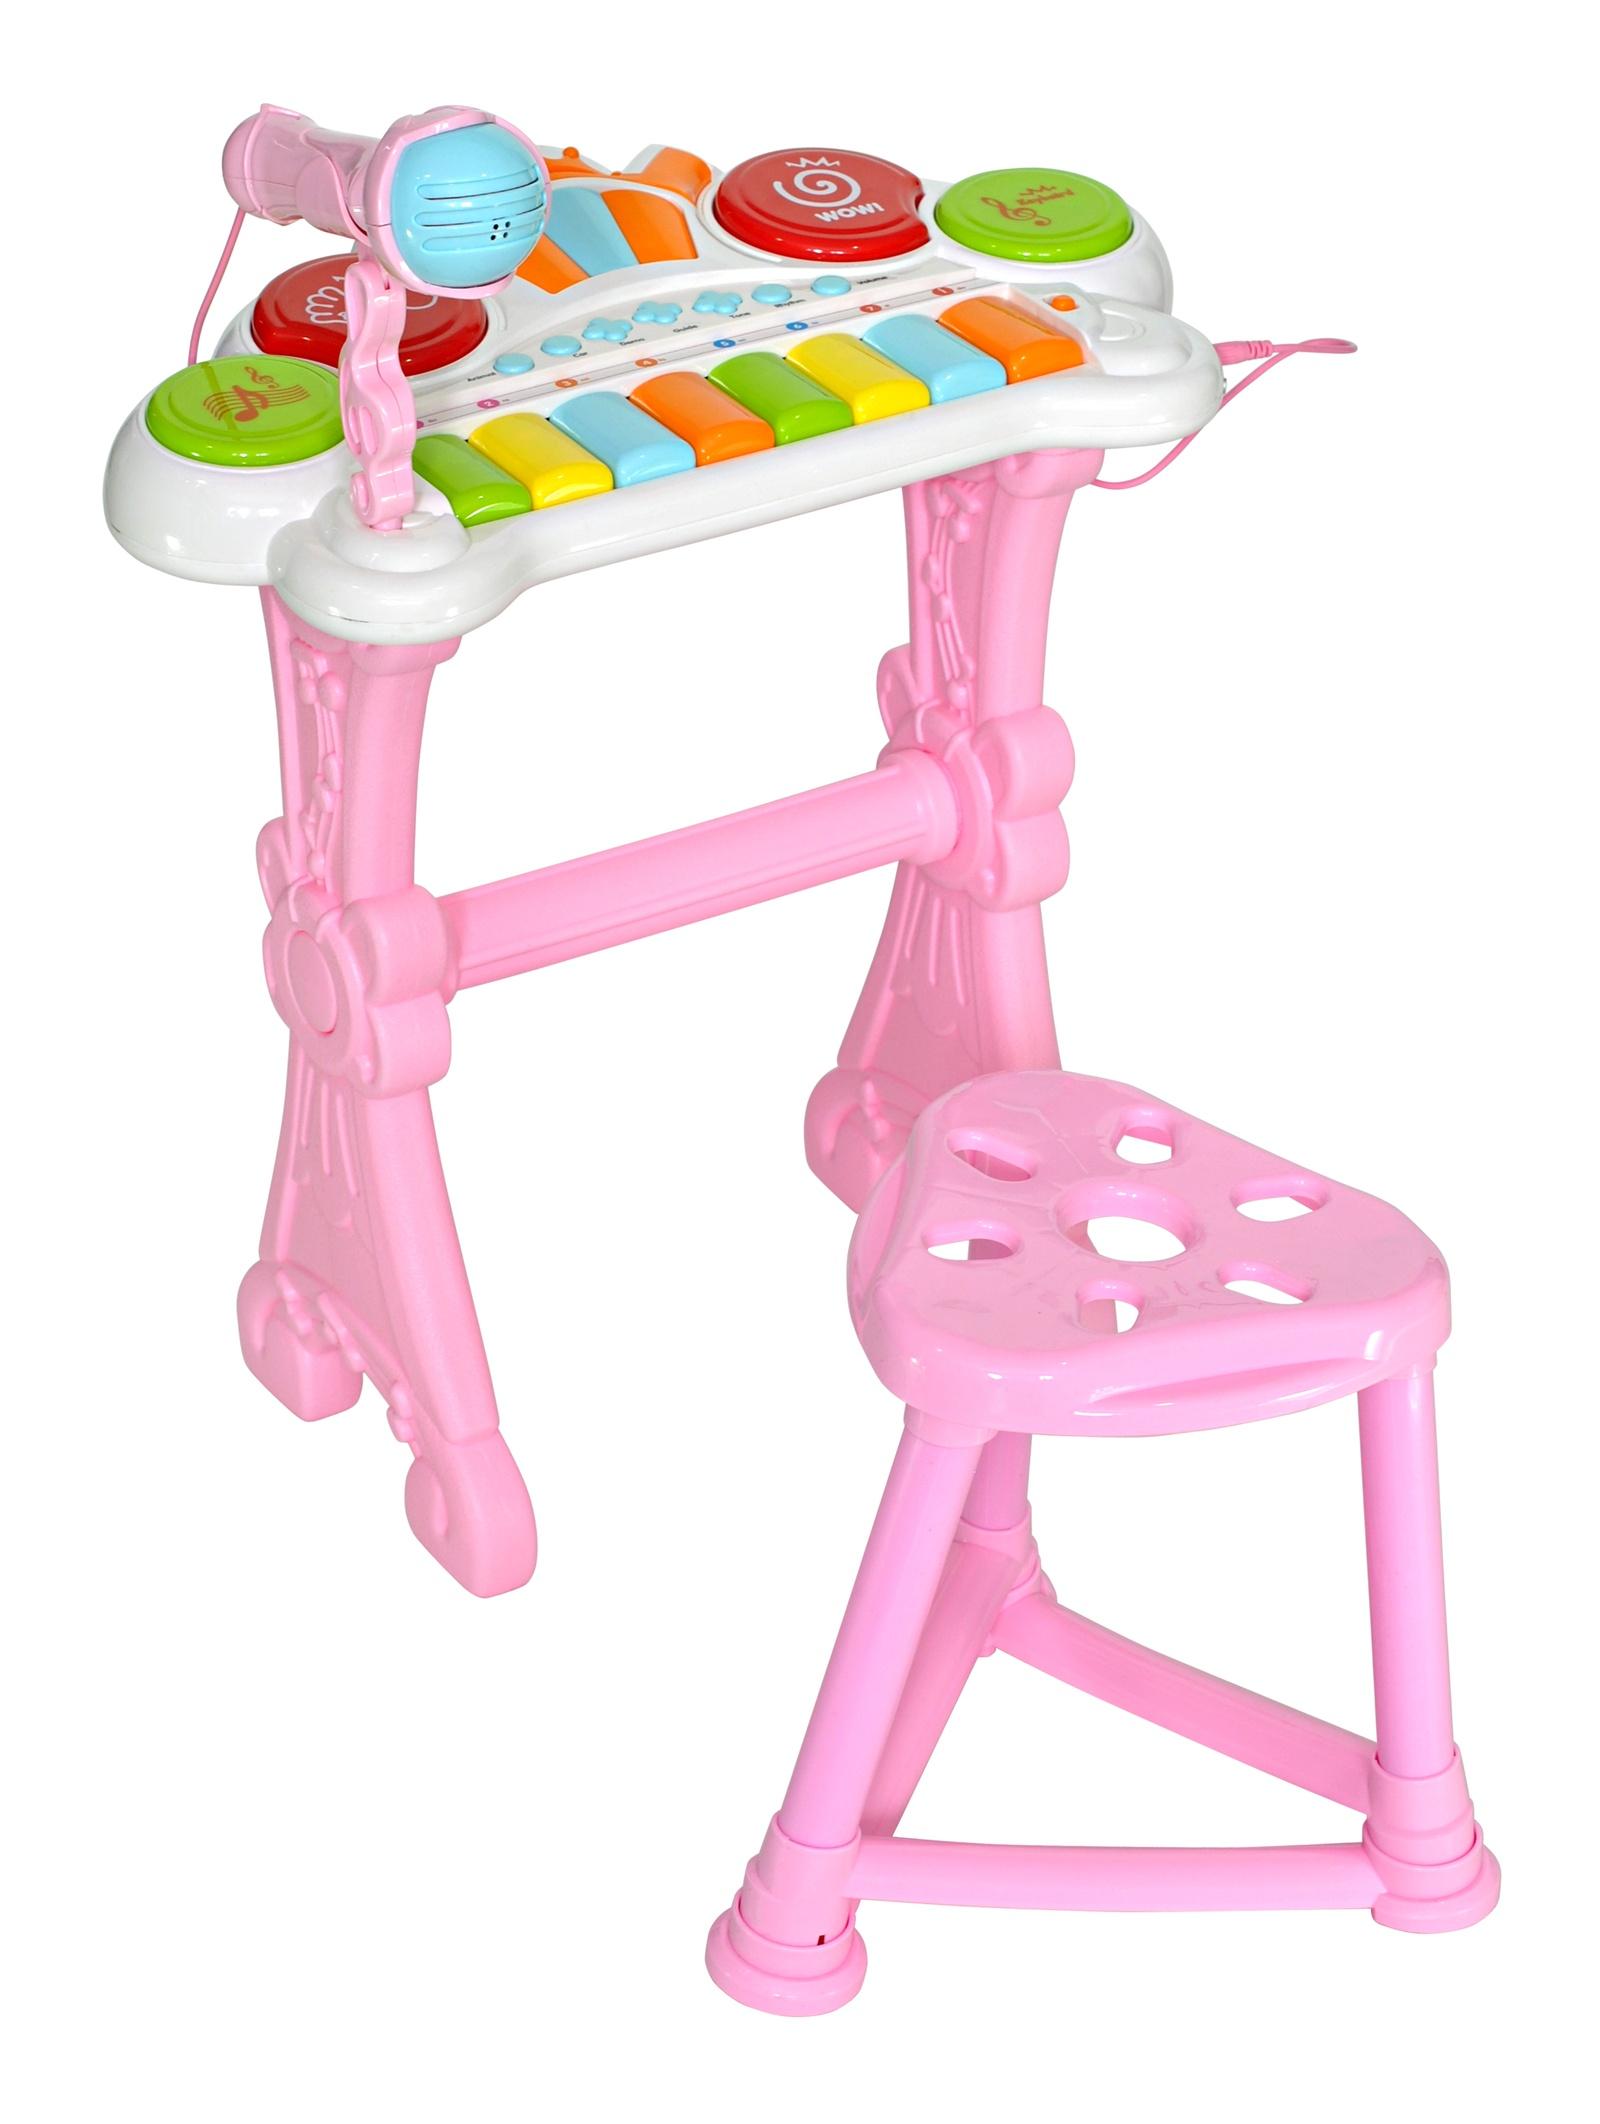 Музыкальный детский центр Everflo Оркестр, HS0356832, розовый ретро музыкальный центр классика